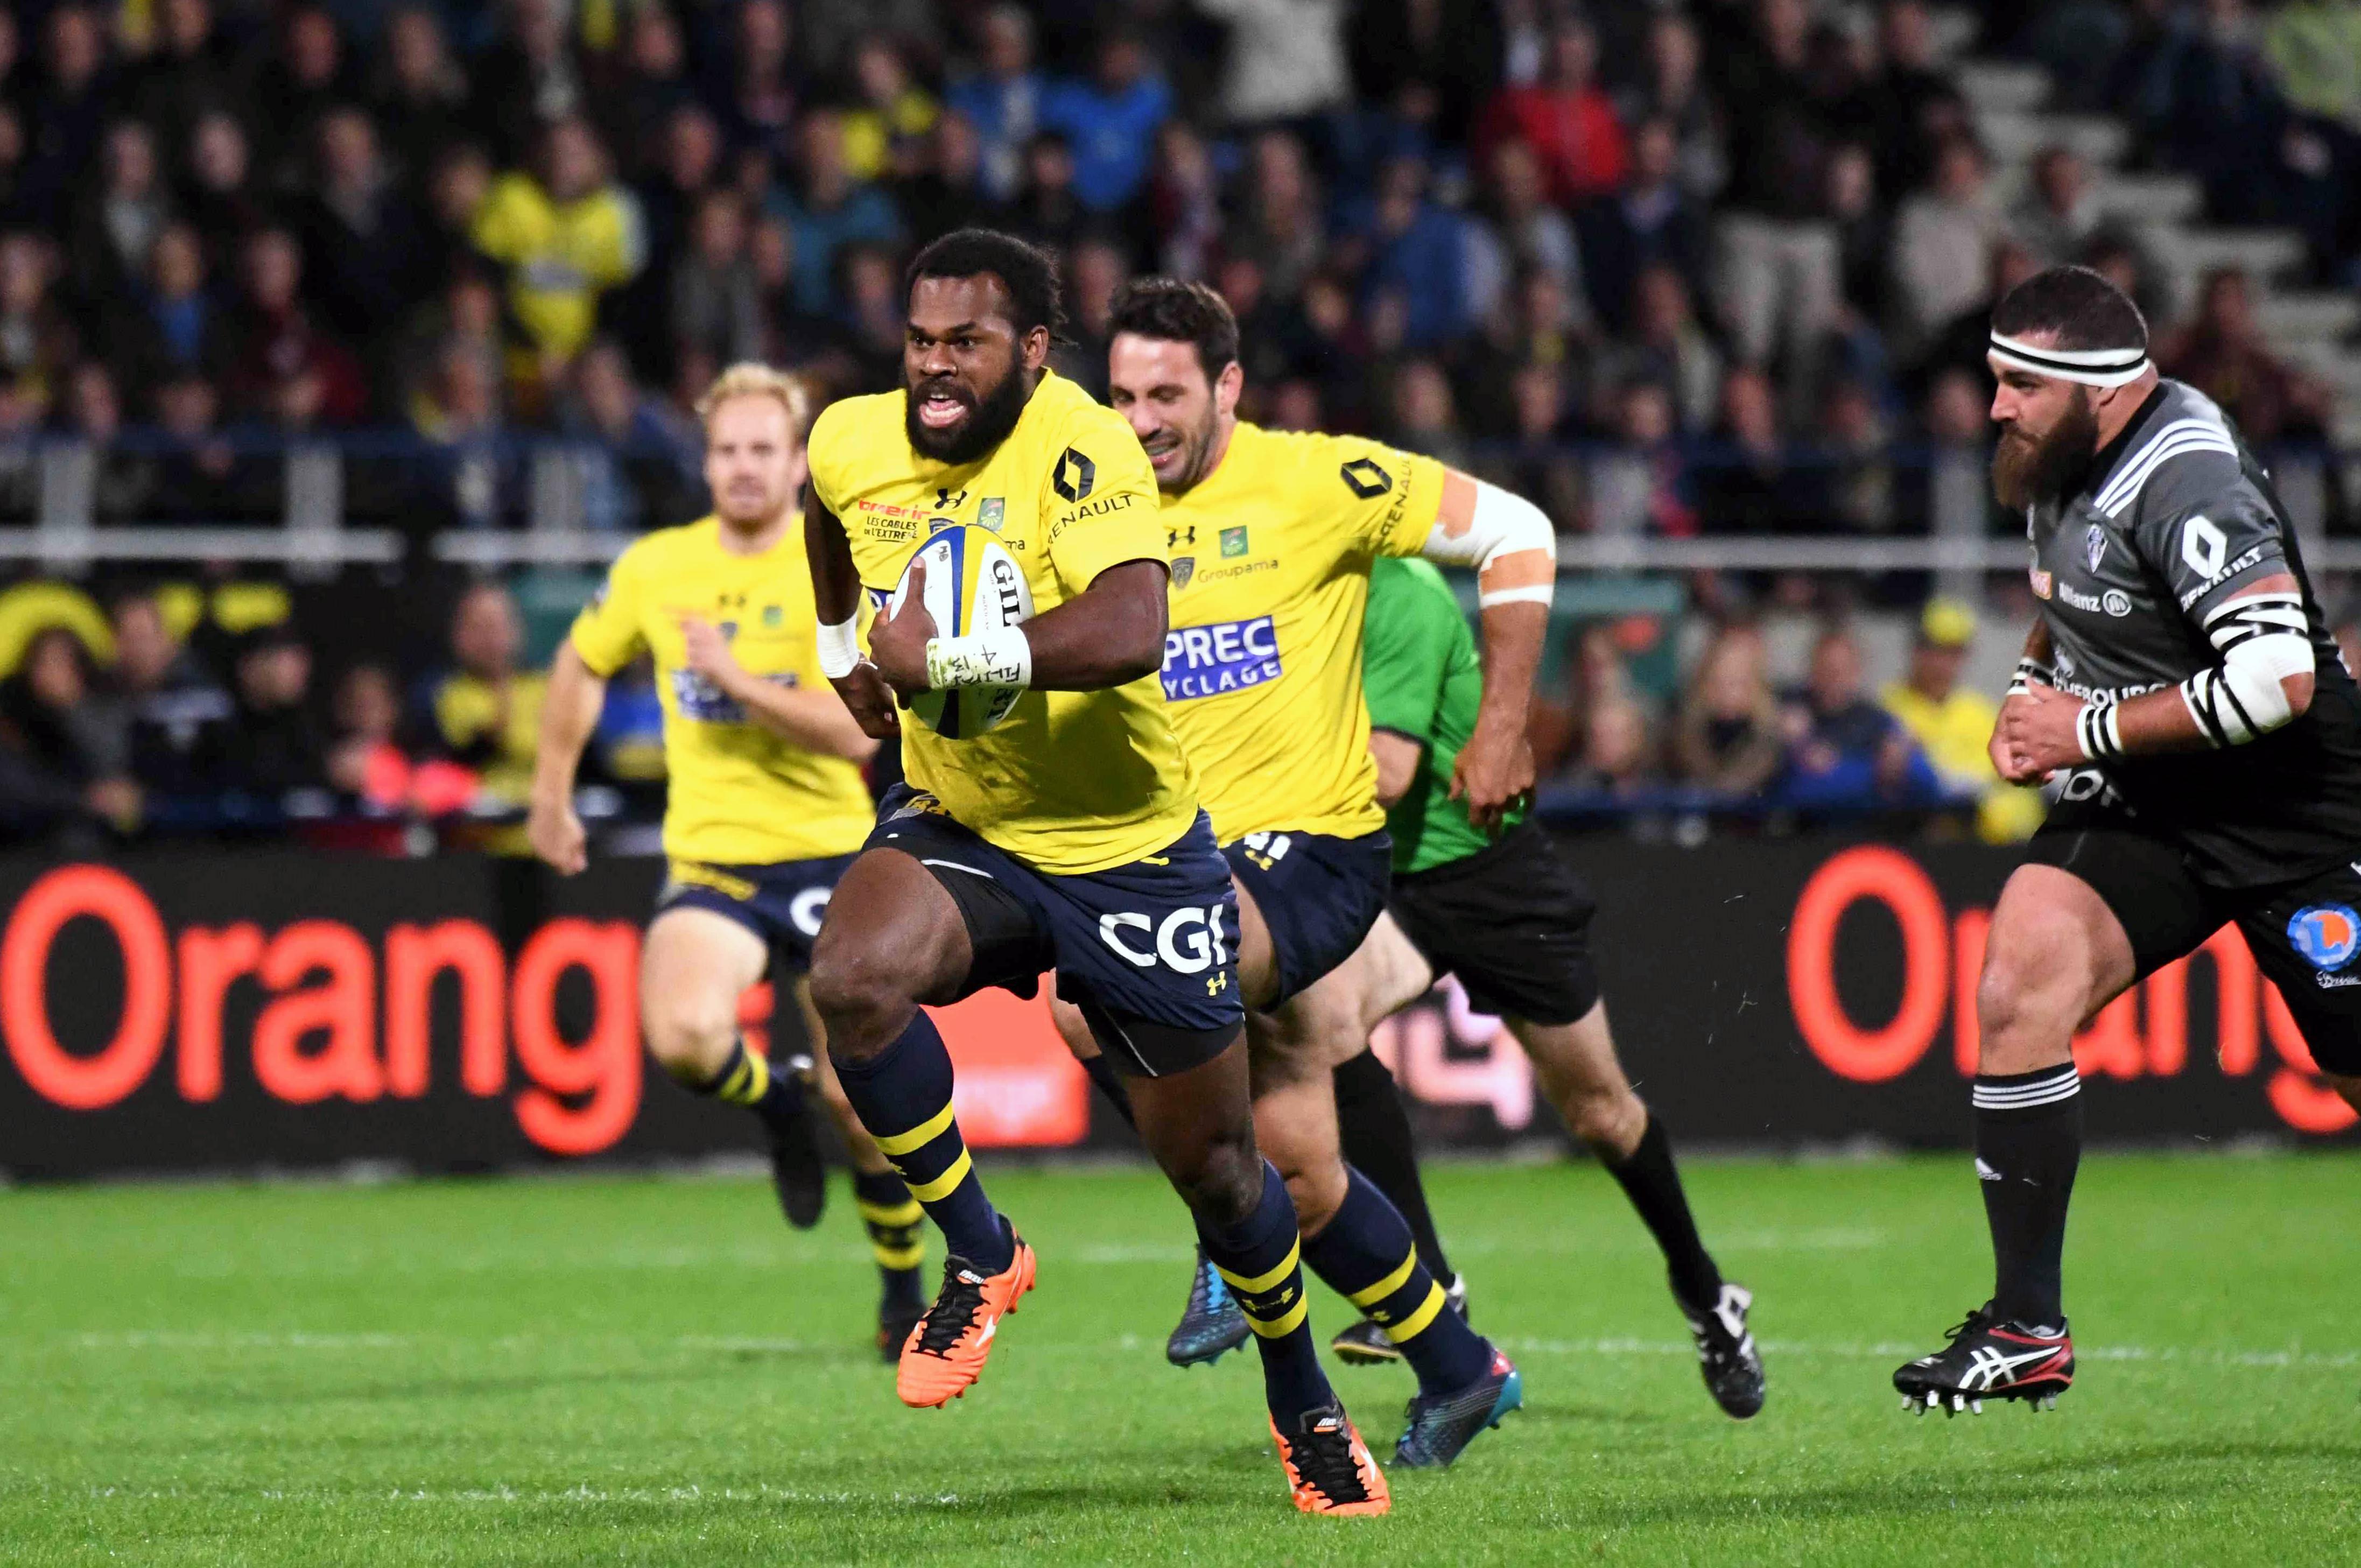 Rugby - XV de France - Raka, l'ailier fidjien de Clermont, vers le XV de France ?